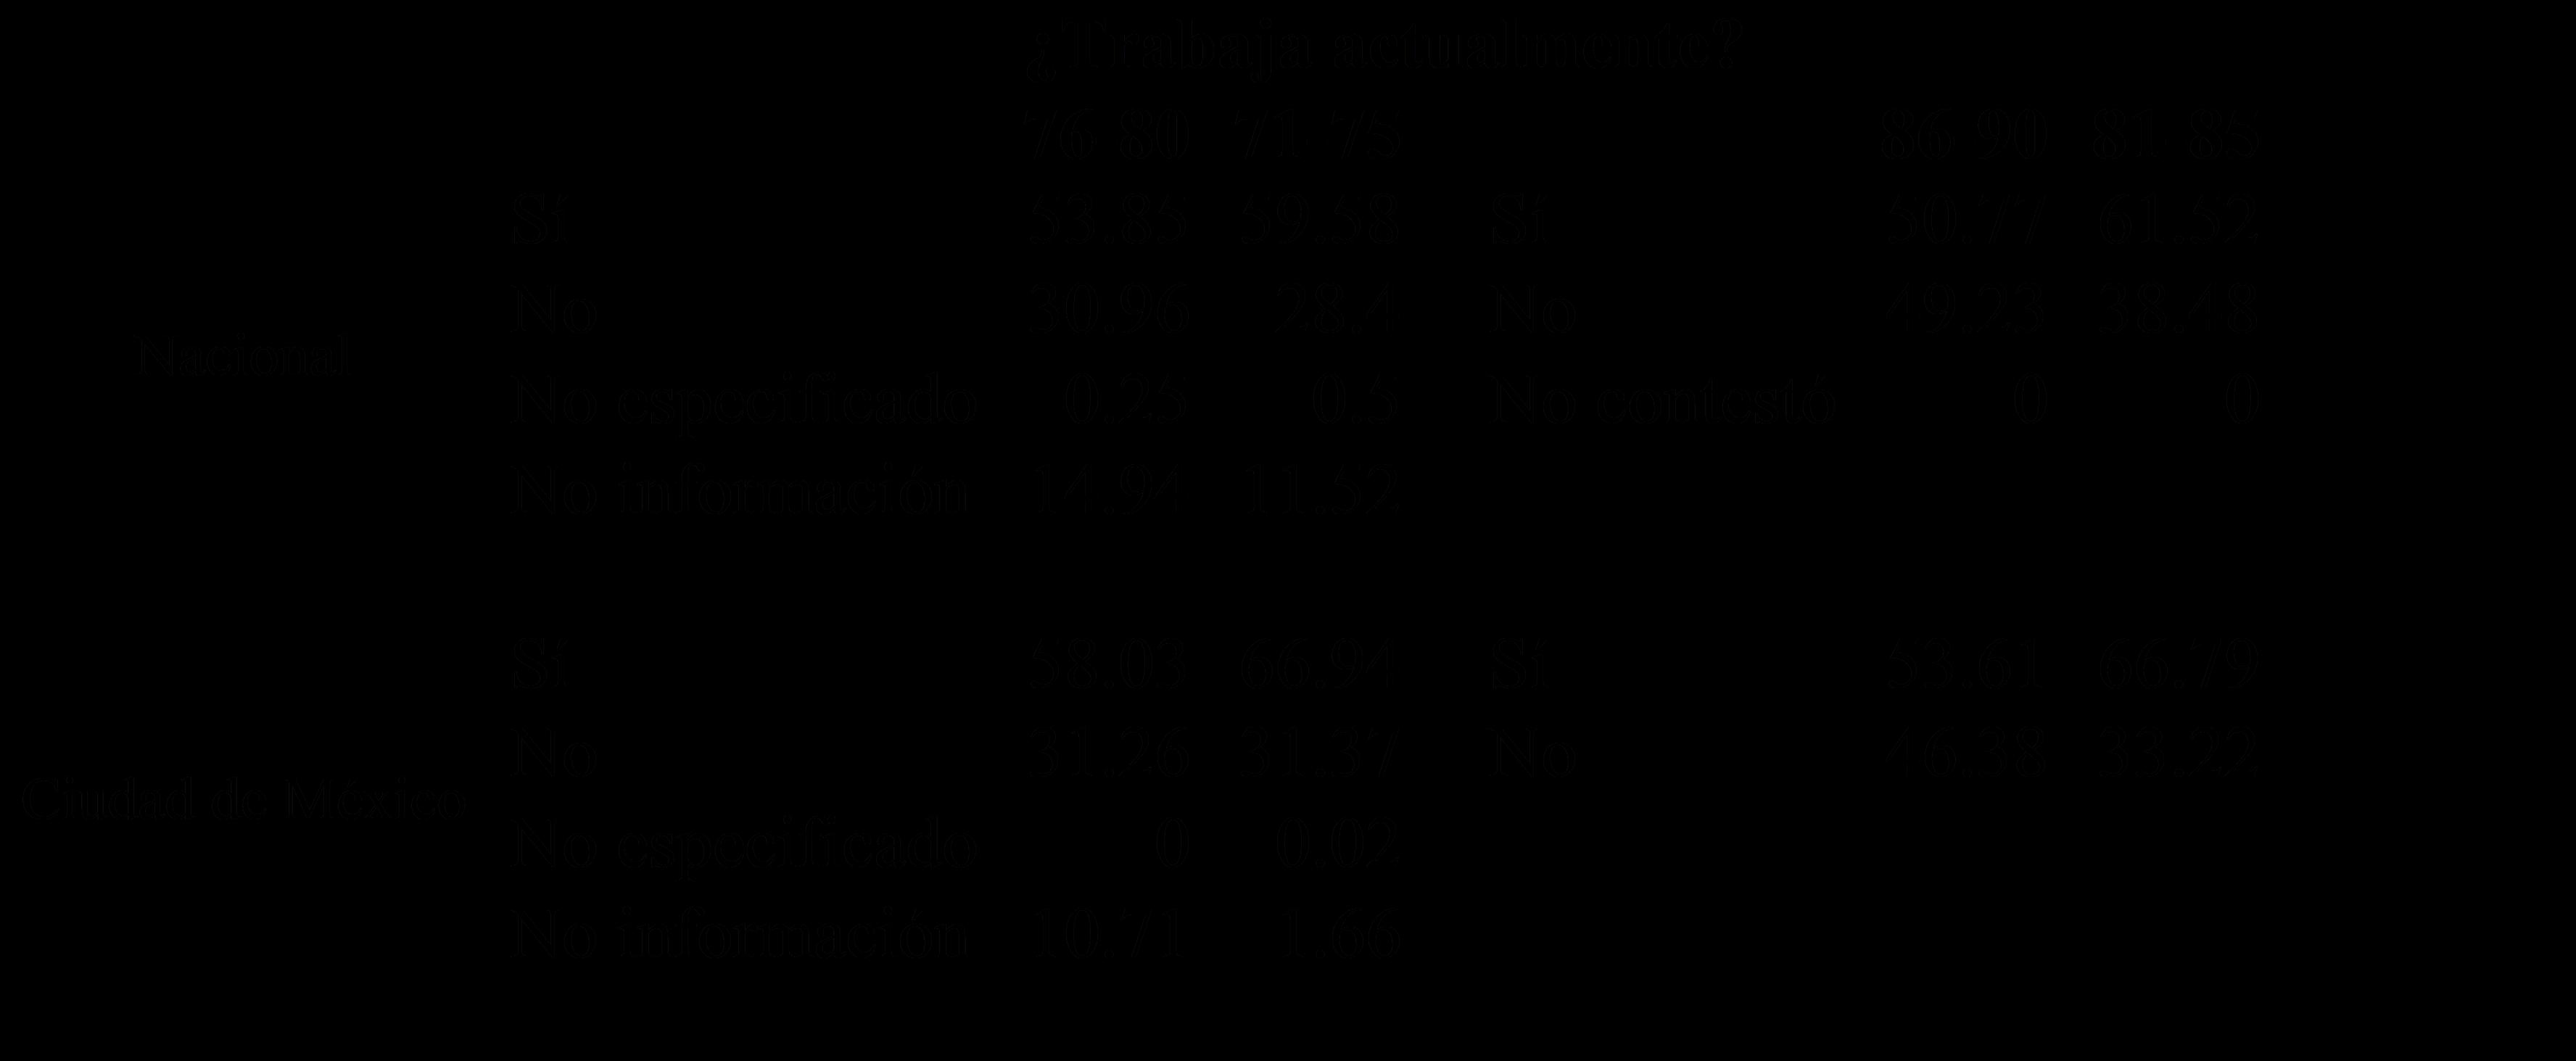 tab2cap4